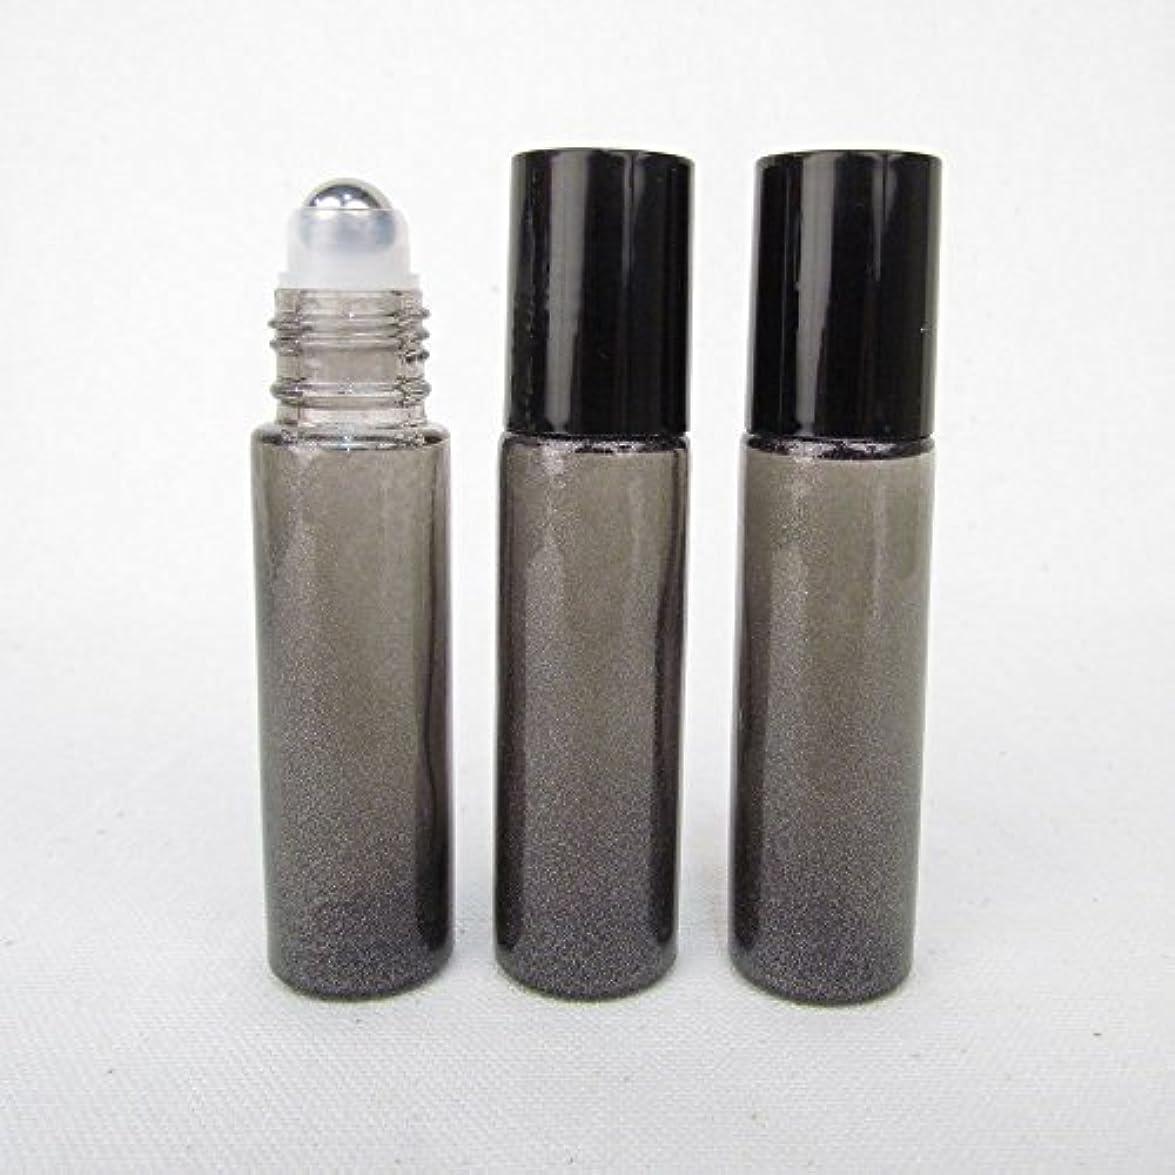 マニフェスト無視ステープルSet of 3 Granite Gray Color 10ml Roll on Bottle with Stainless Steel Ball for Essential Oil Products by Rivertree...